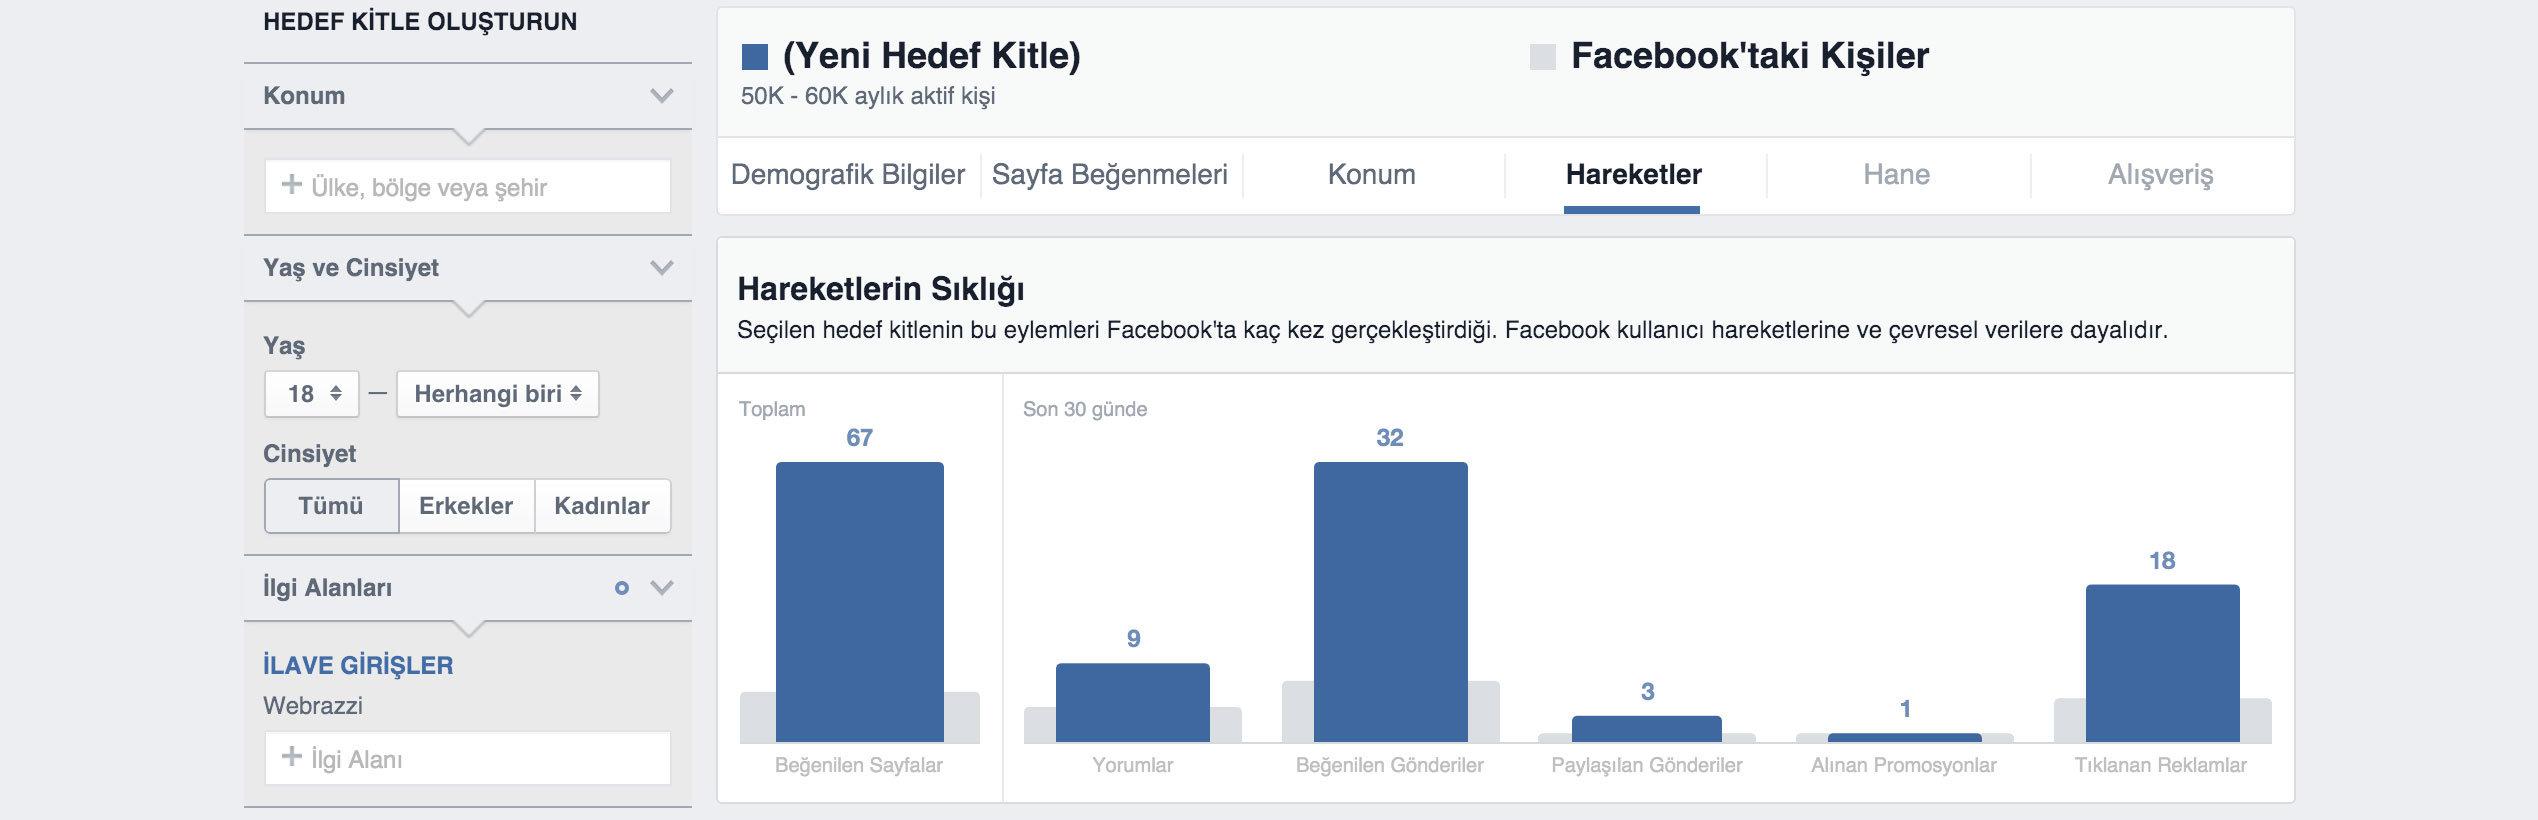 facebook reklamları için hedef kitle oluşturma